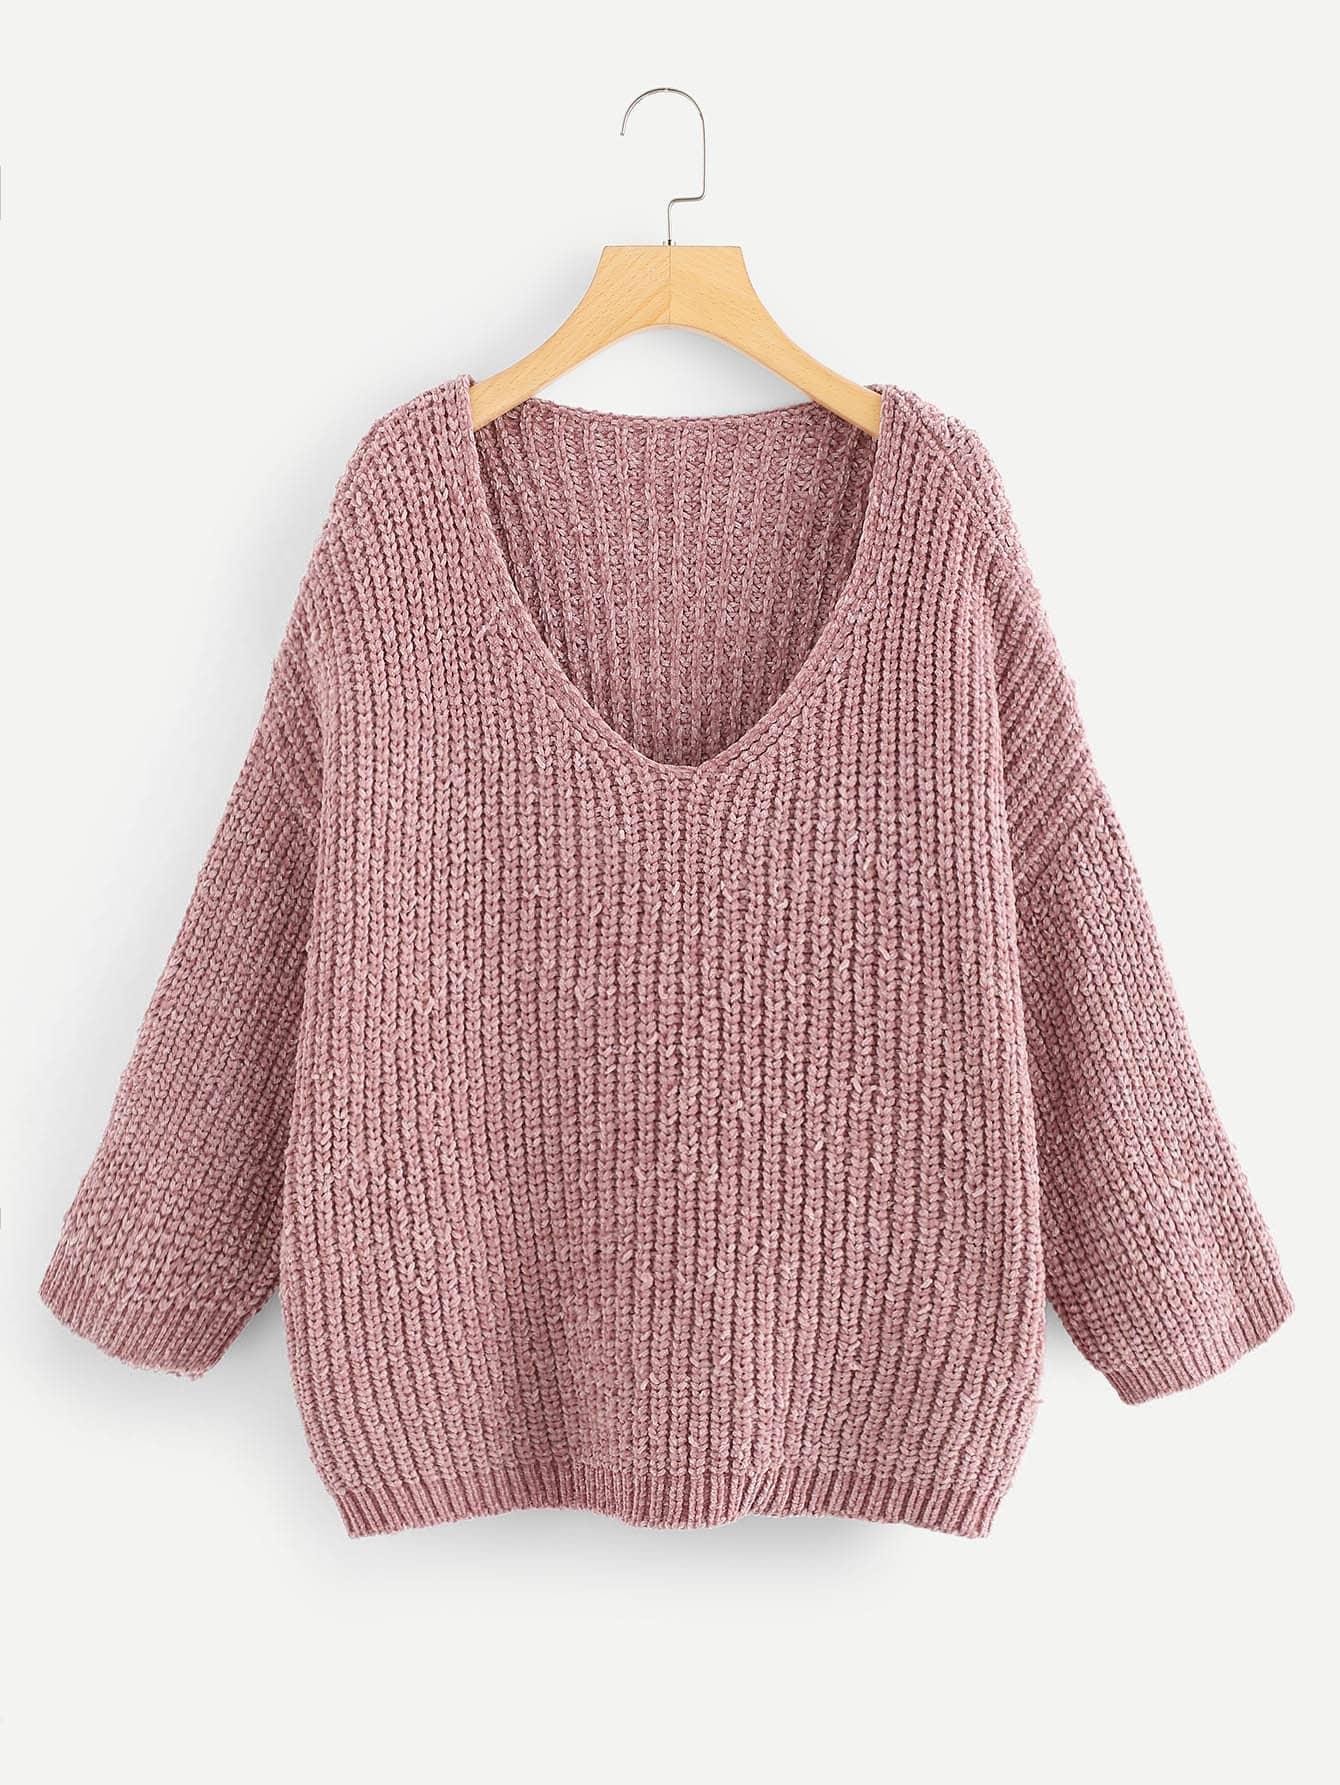 Купить V-образным вырезом плеча Шениль свитер, null, SheIn